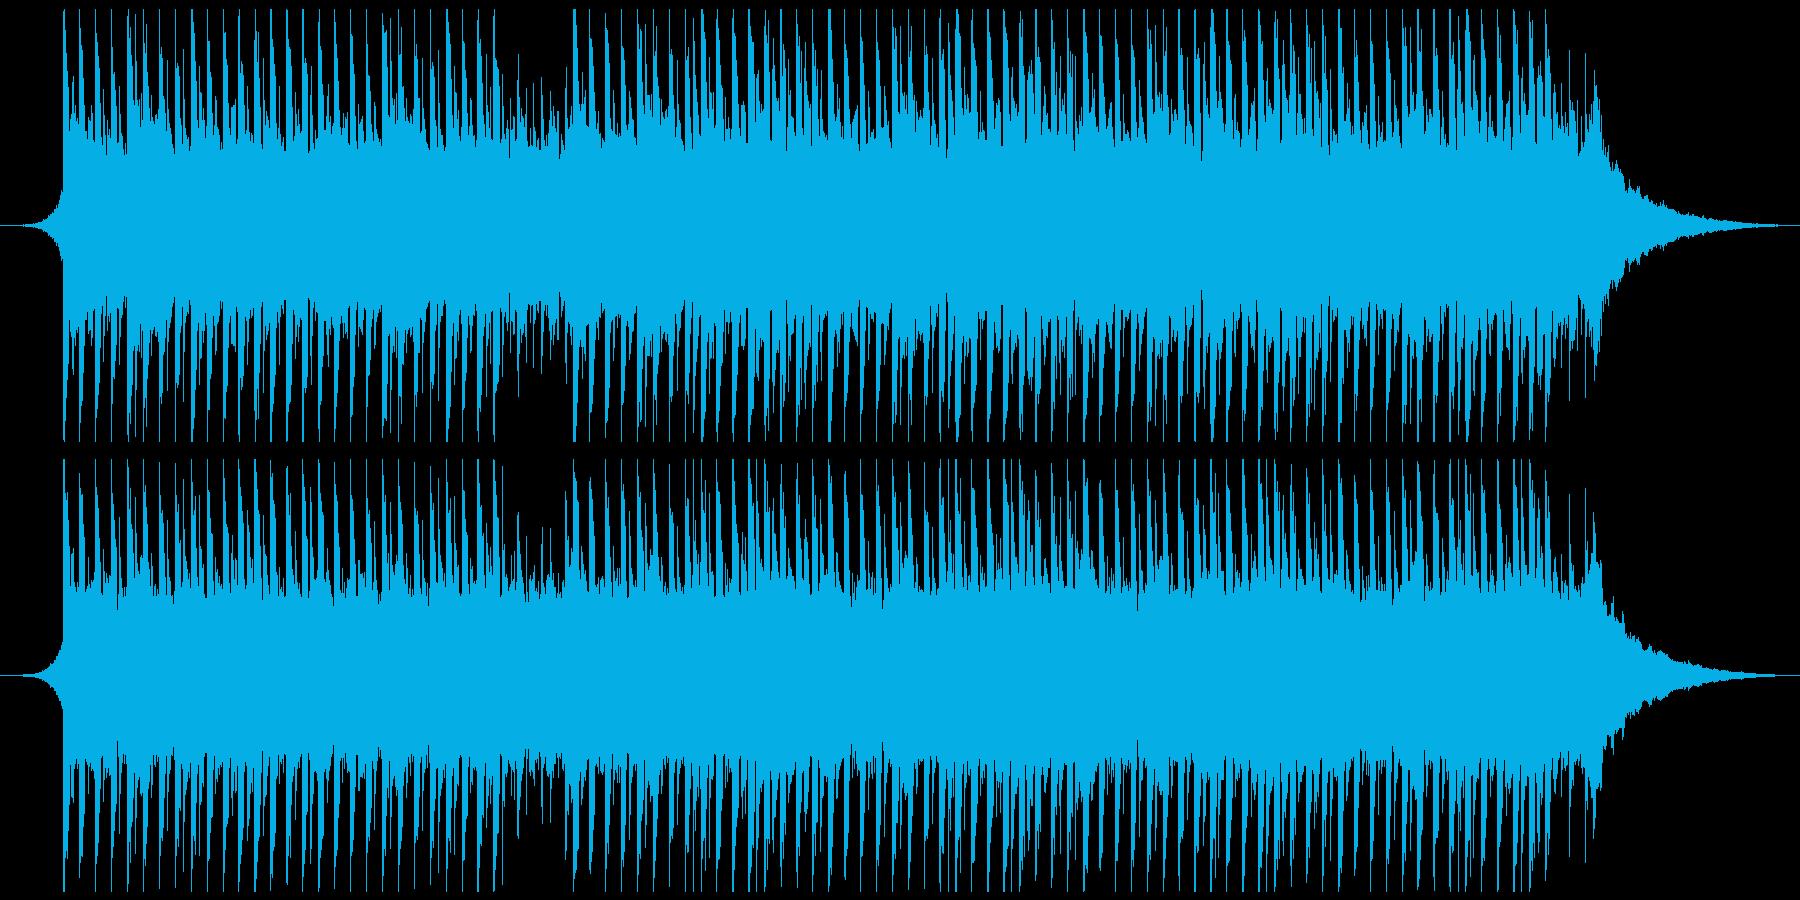 やる気を起こさせる動機づけ(56秒)の再生済みの波形